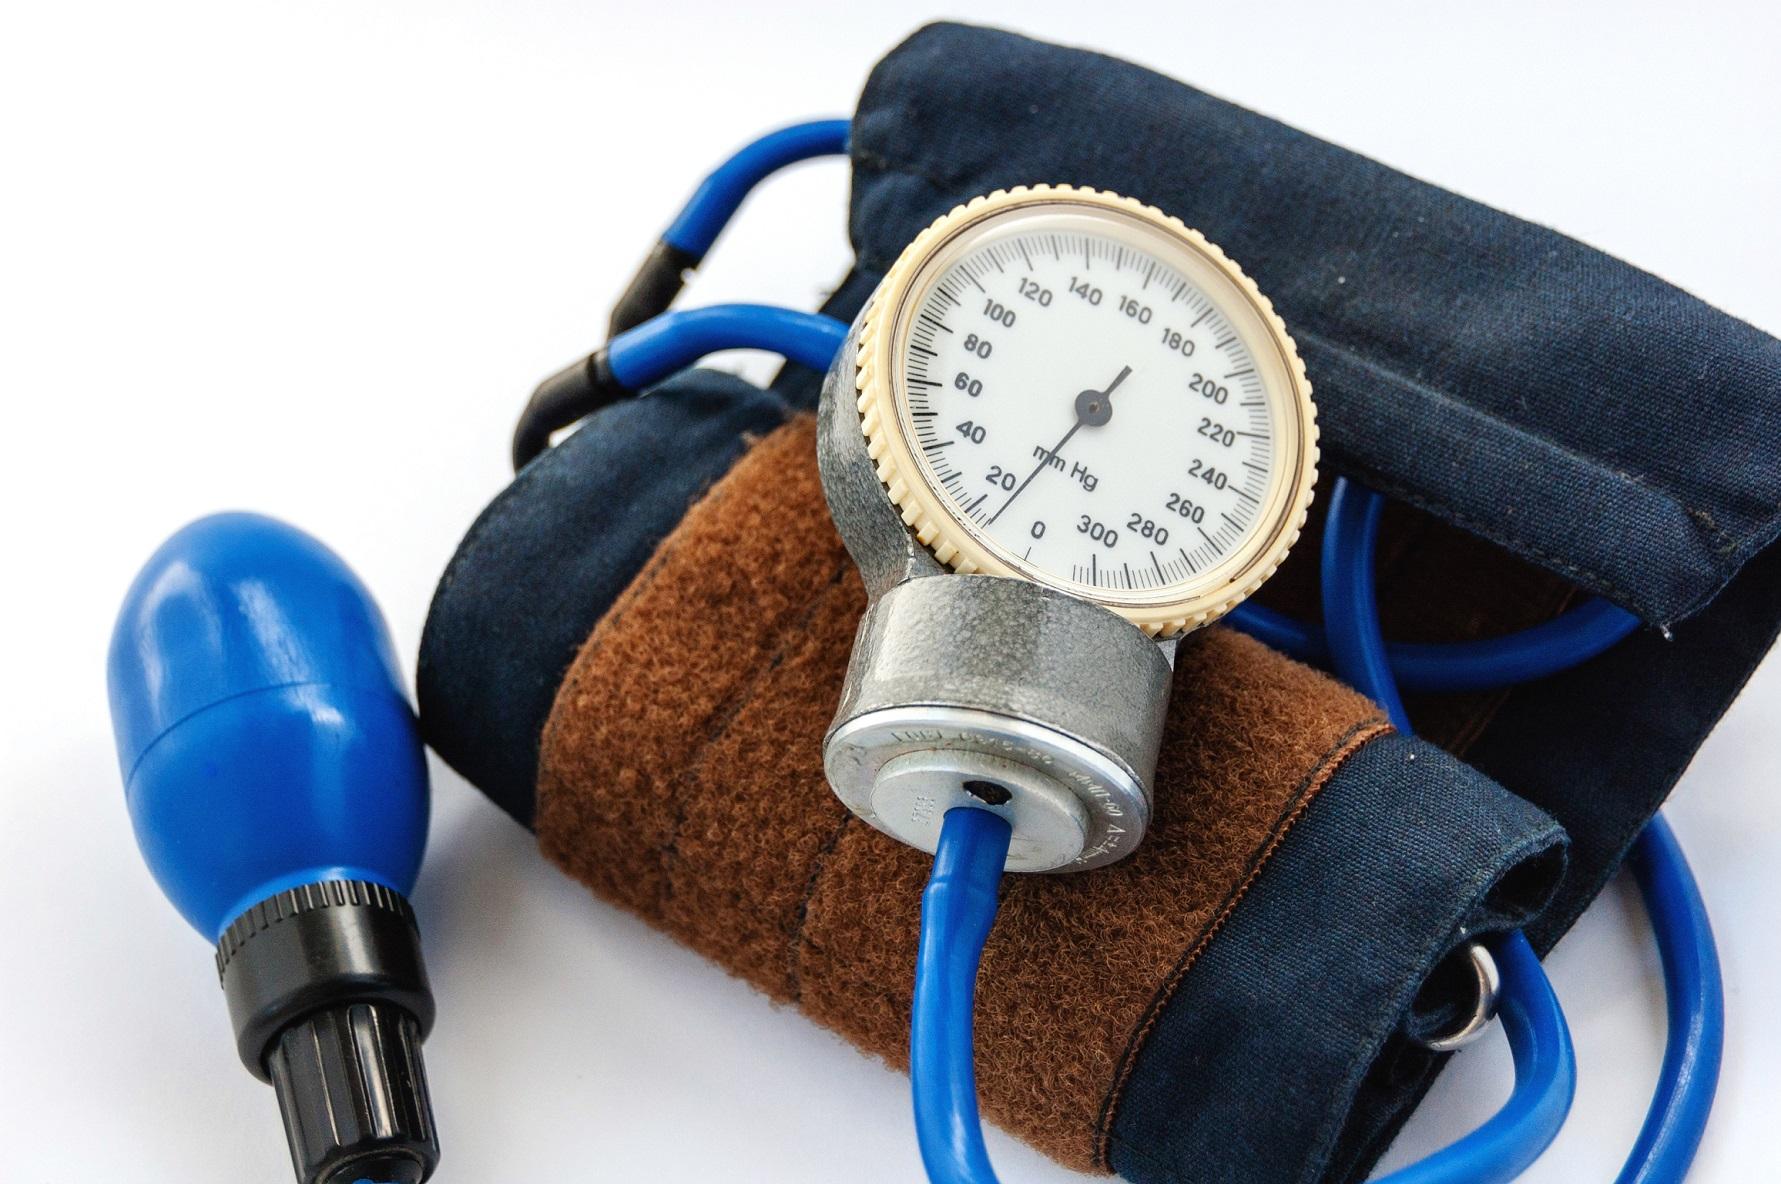 Con cosa misurare la pressione arteriosa? Lo strumento migliore è l'esercitazione